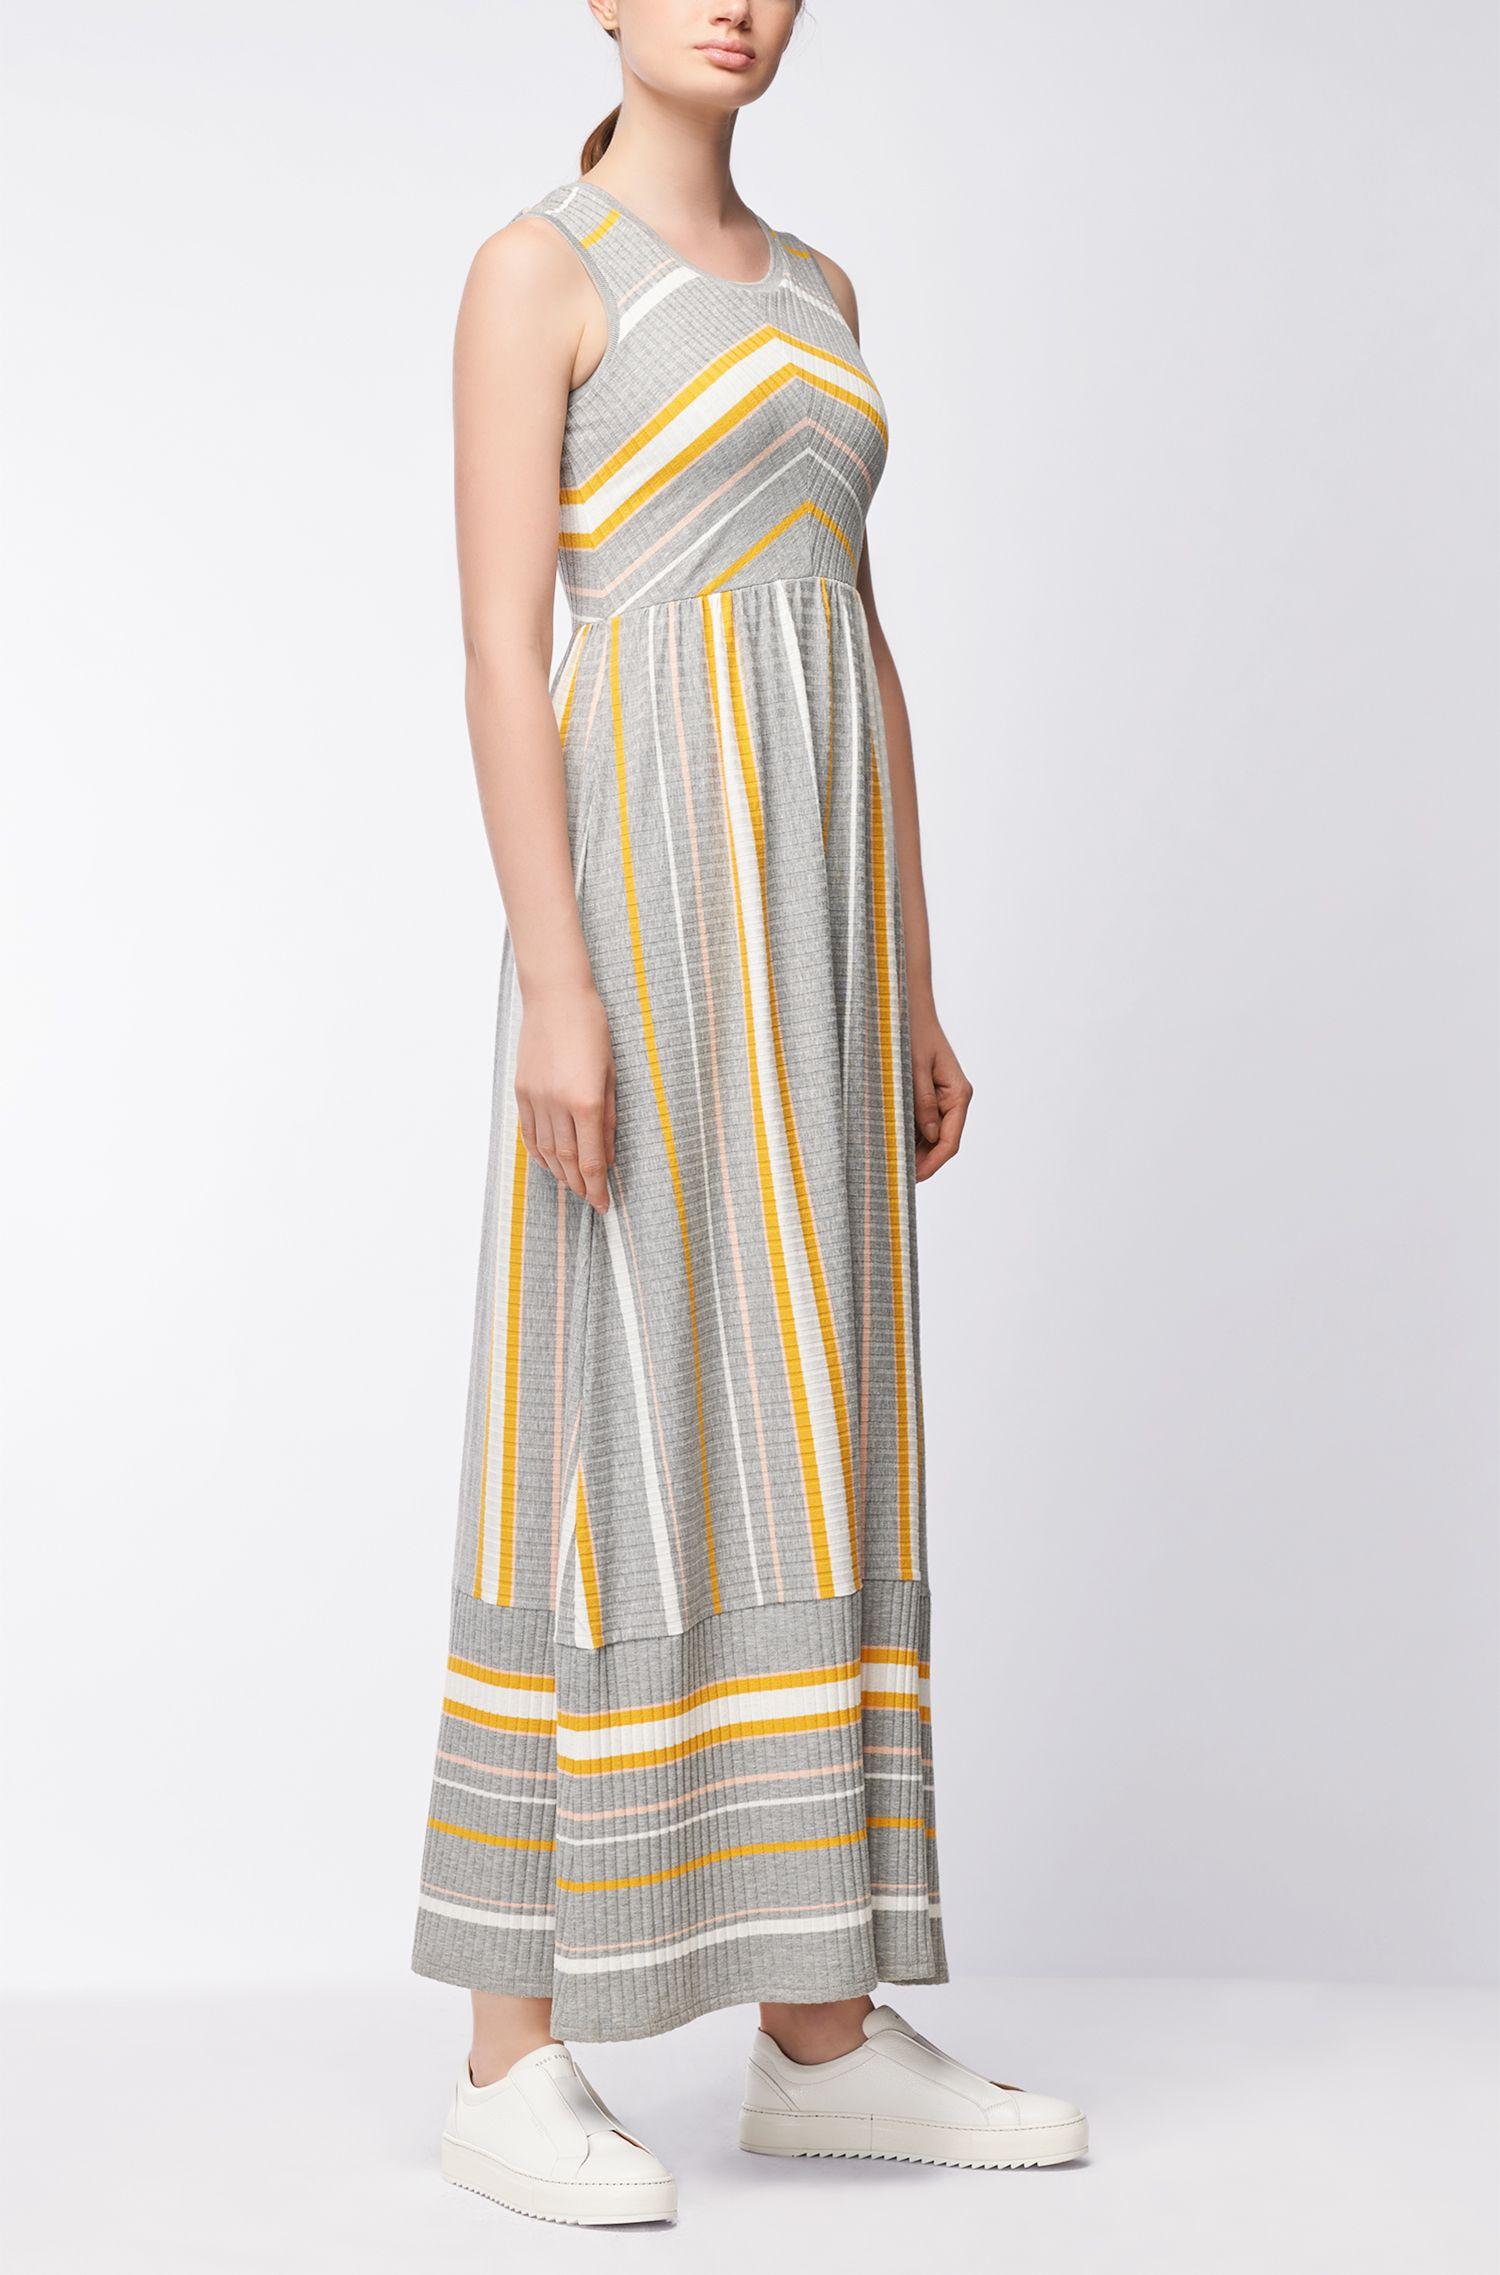 Ärmelloses Jerseykleid in Maxilänge mit Streifen-Dessin